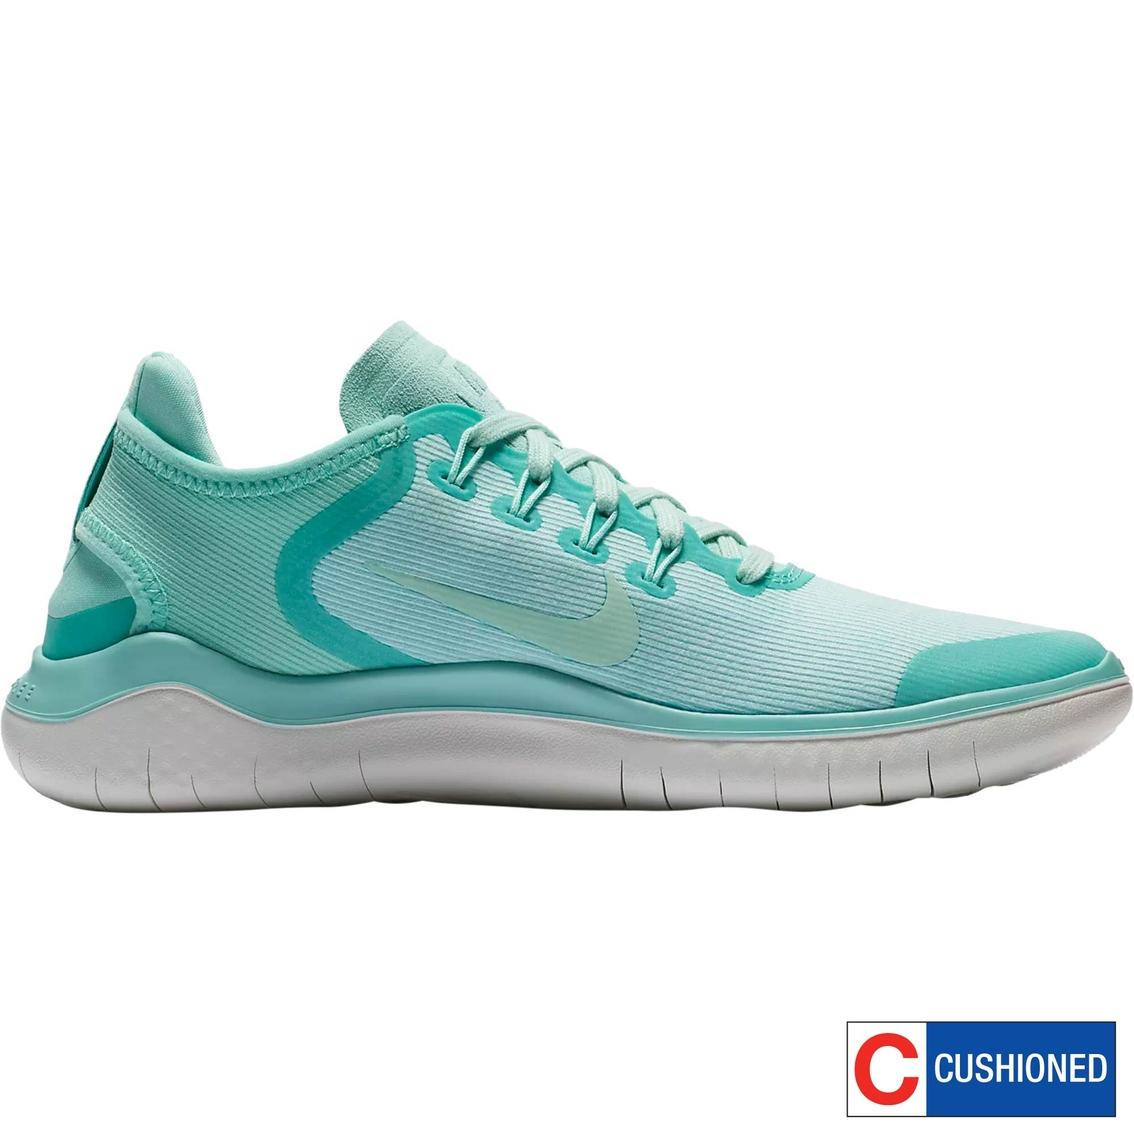 cf8f4108e3b58 Nike Women s Free Rn 2018 Sun Running Shoes